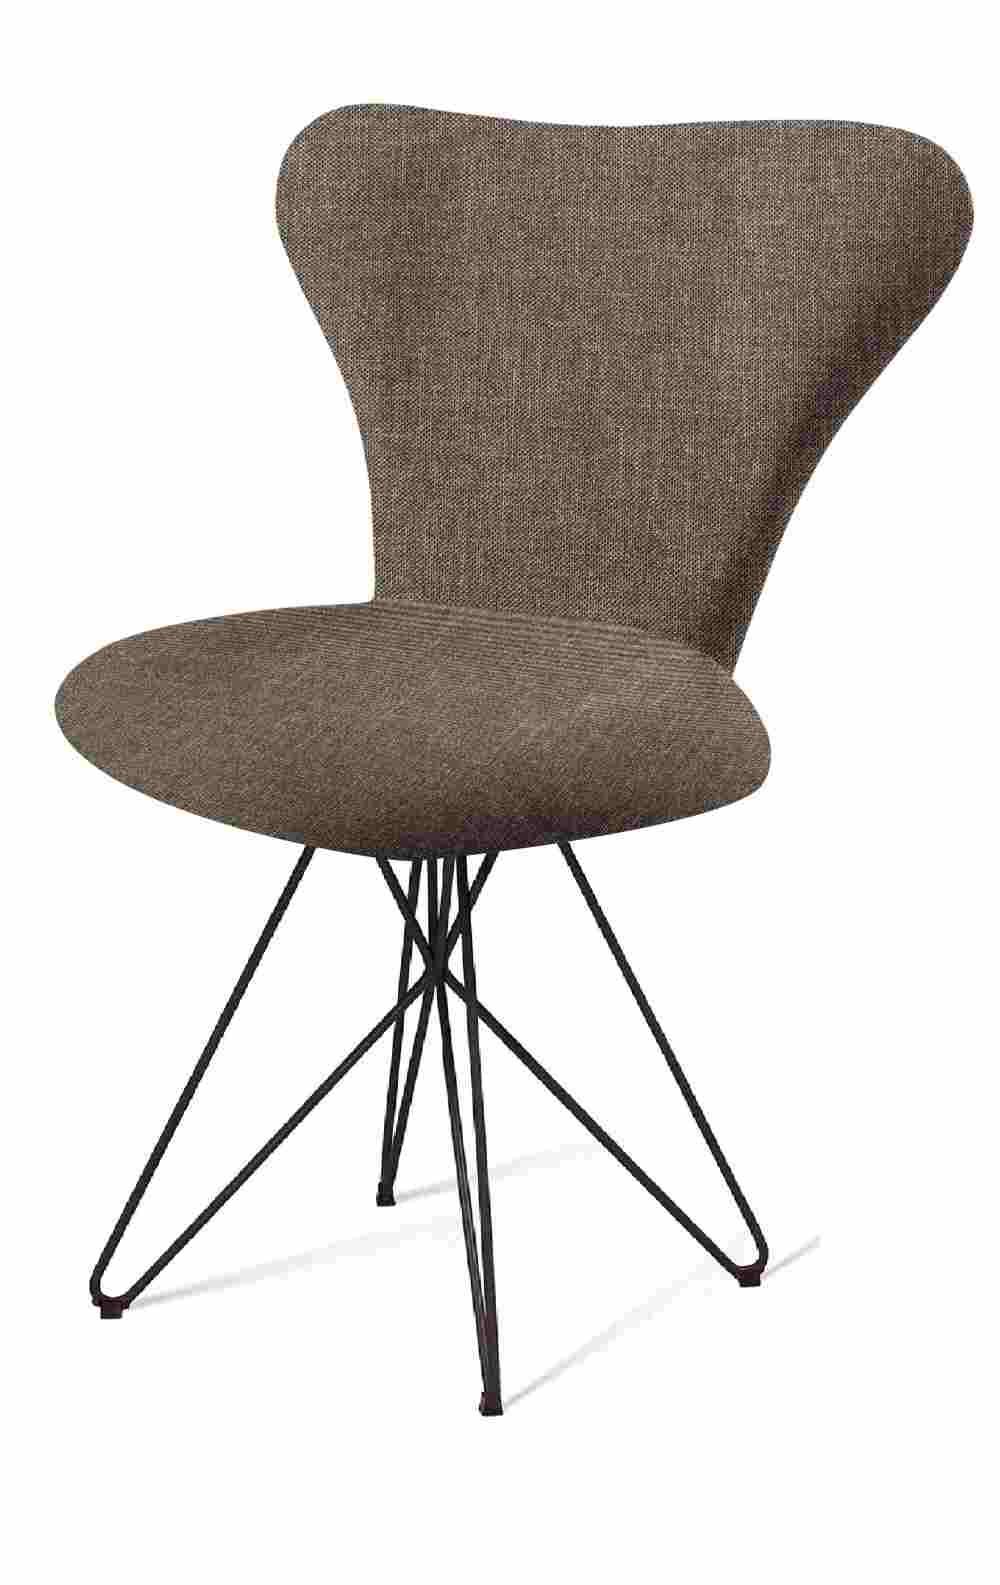 Cadeira Jacobsen Series 7 Chumbo com Base Estrela Preta - 55925